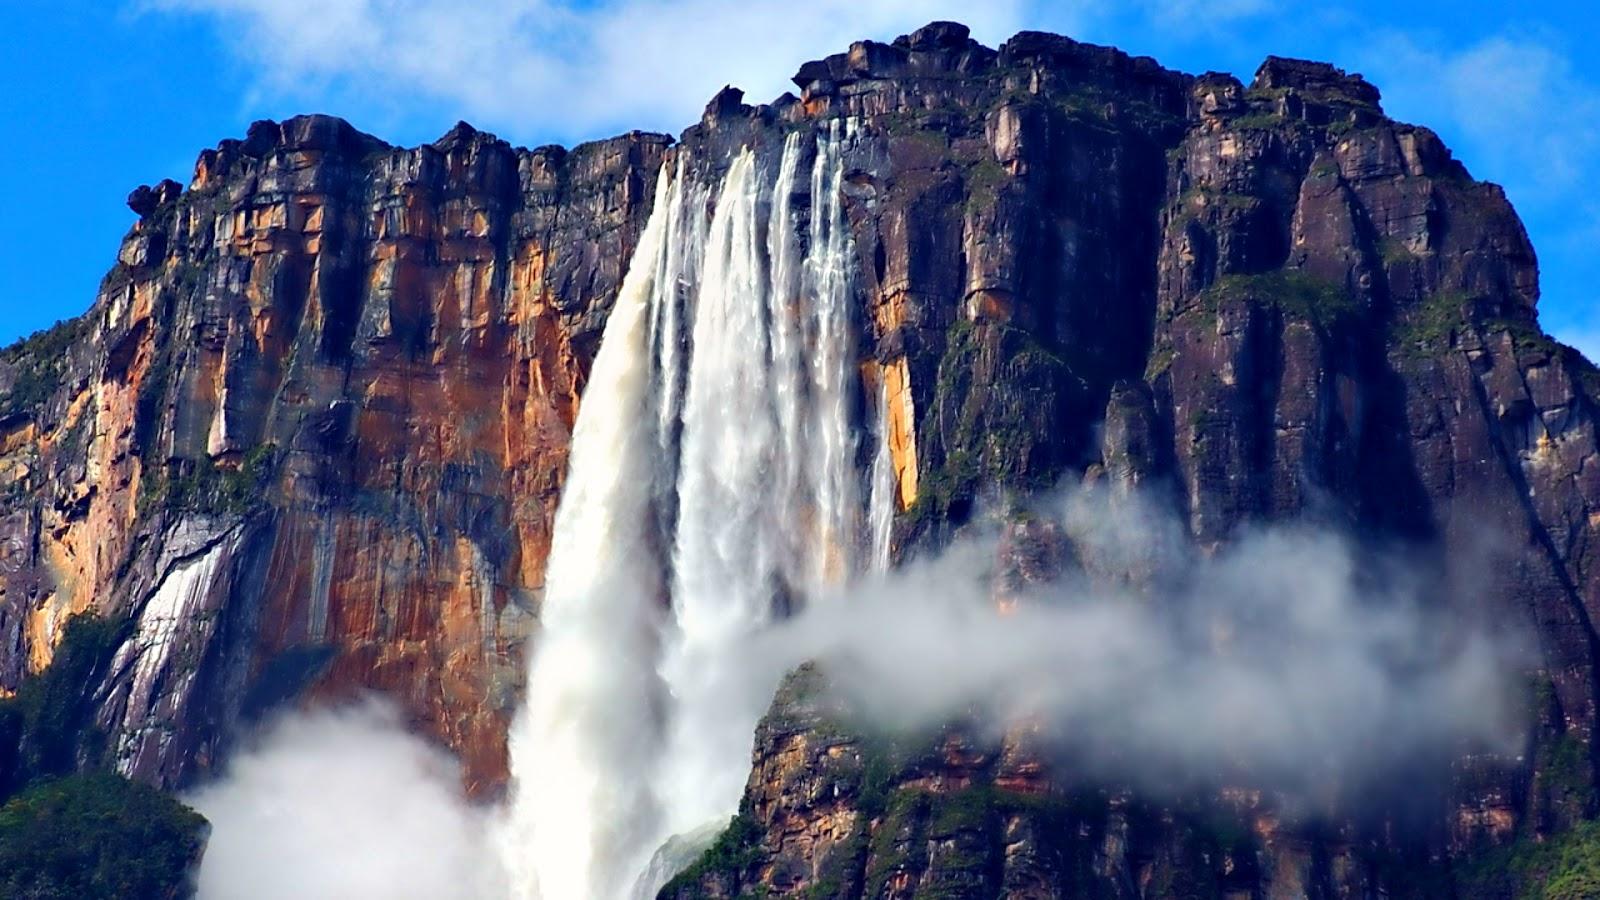 http://3.bp.blogspot.com/-3Ri7jCIXOfU/UDdCFdFYa4I/AAAAAAAAArI/qQh0lZ3hnqE/s1600/1152457-1920x1080-00-a-Water-falls-Mountain.jpg